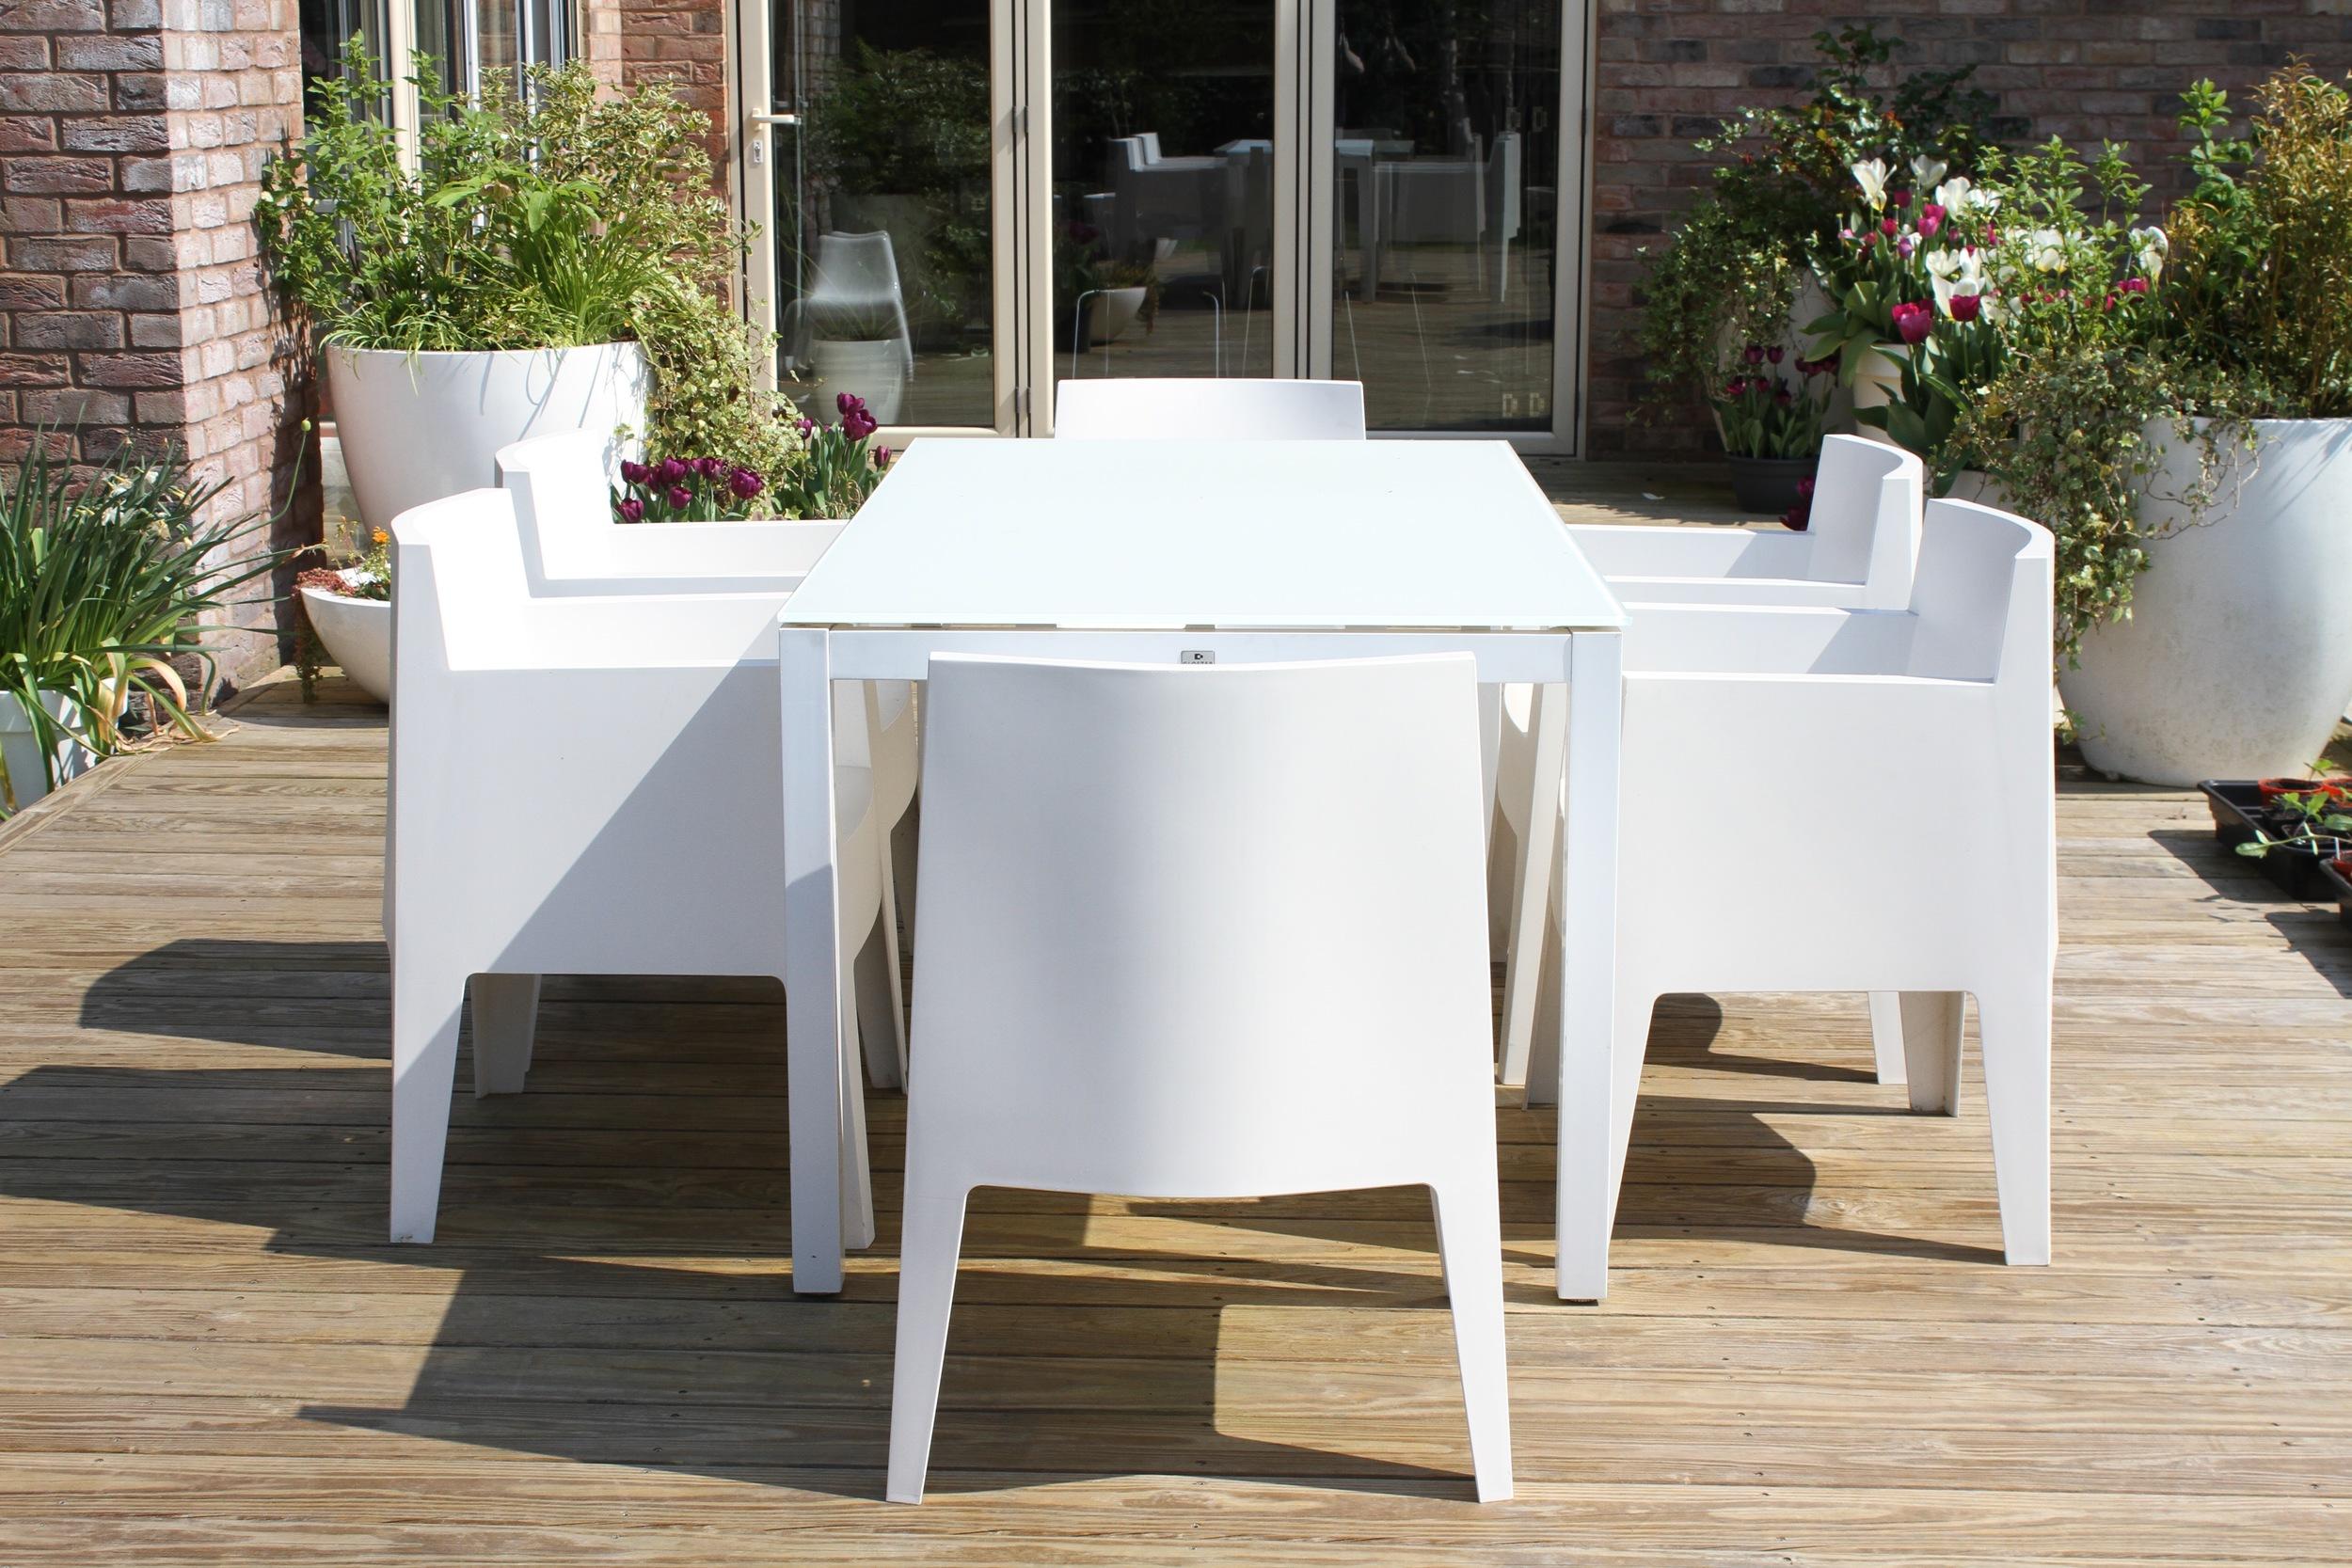 Eyebrook garden furniture 1.jpg